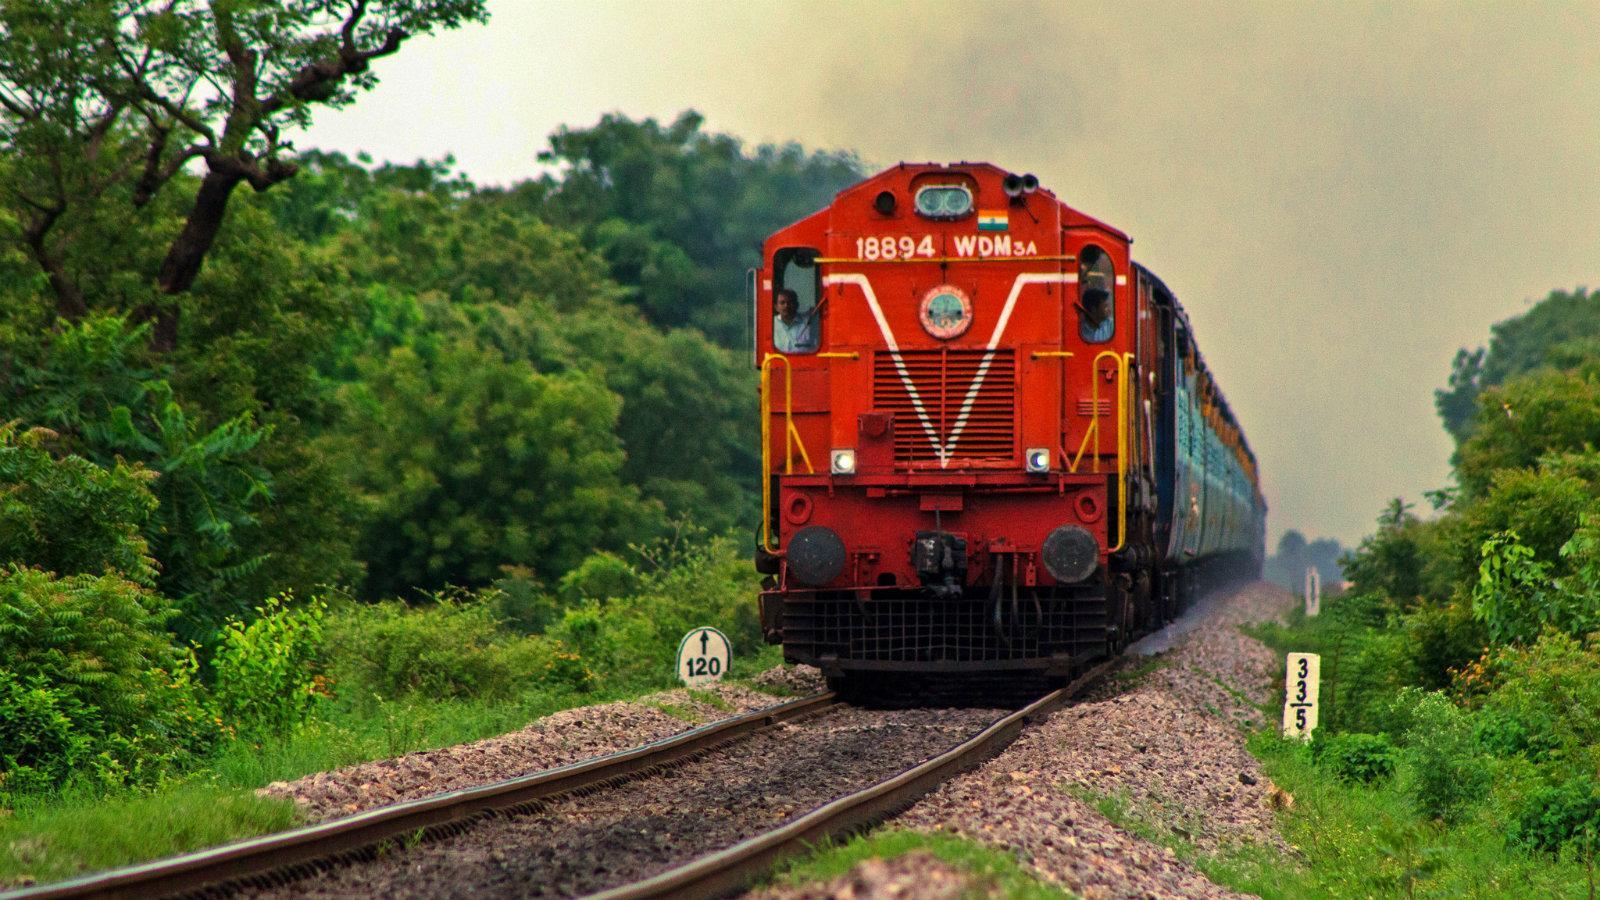 IRCTC Special Train List: 12 मई से प्रभावी होने वाली 30 विशेष ट्रेनों की पूर्ण सूची, स्टॉपेज और टाइम-टेबल